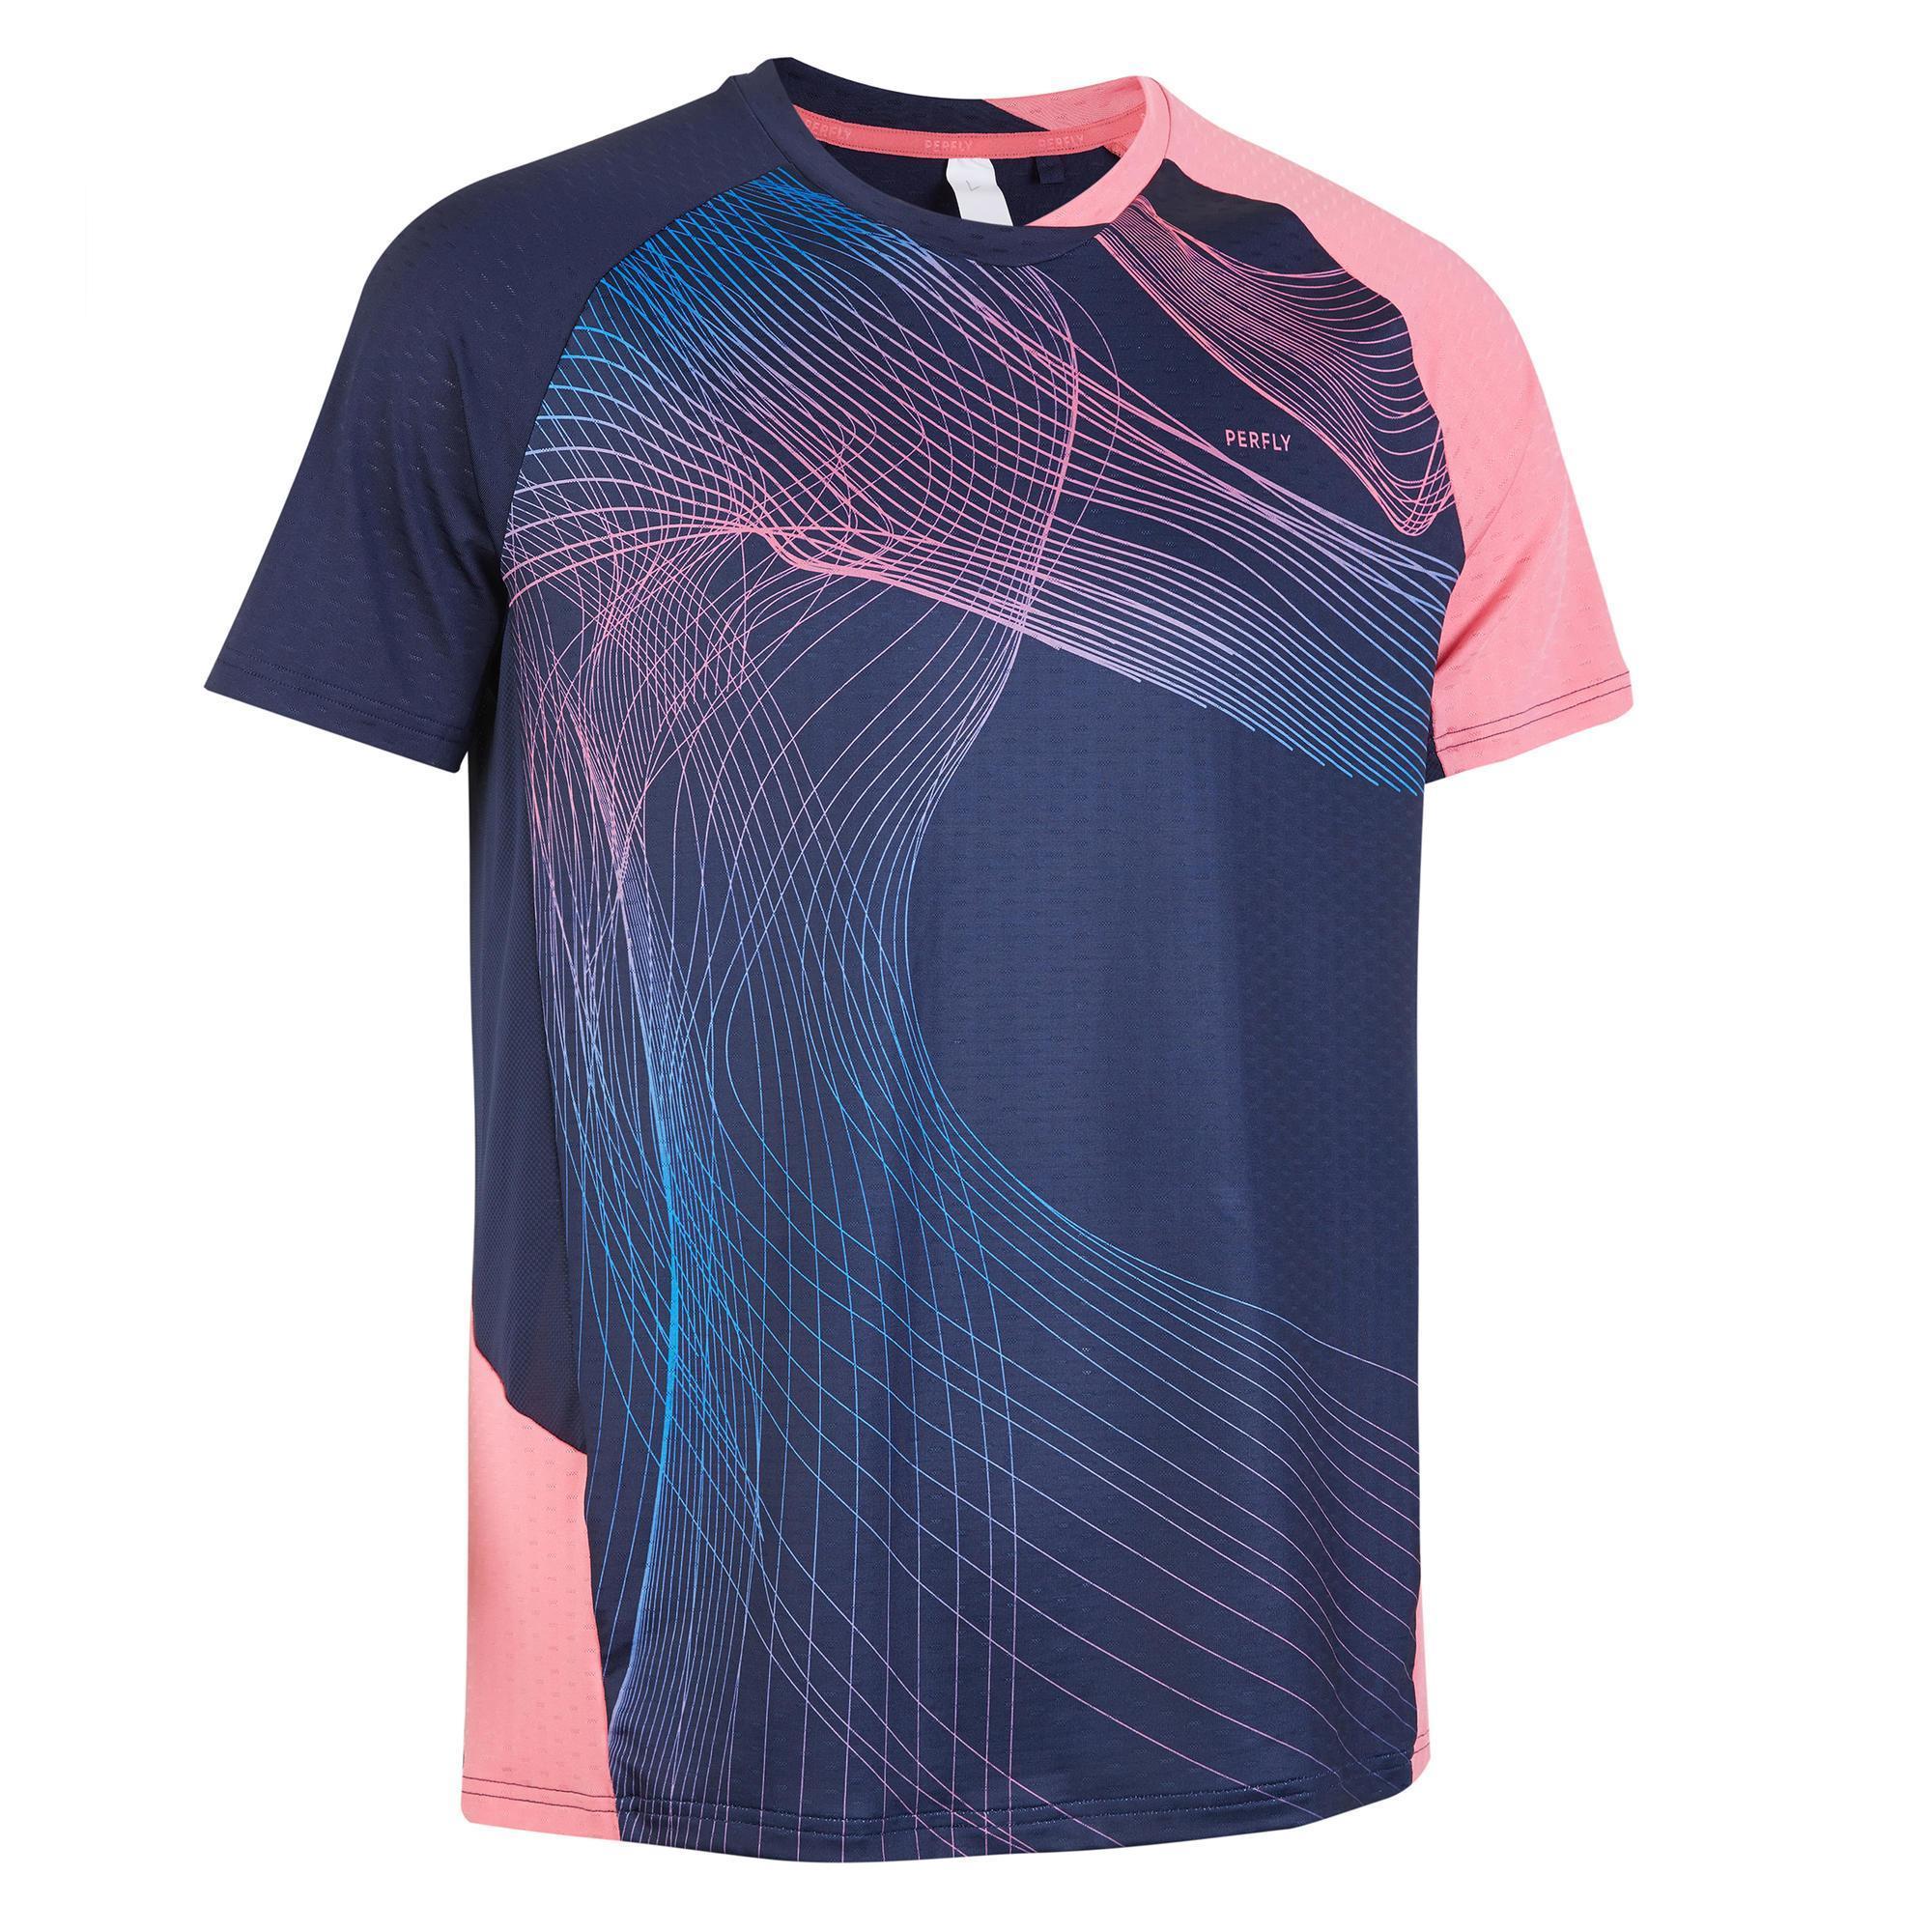 Perfly T-shirt voor heren 560 marineblauw/roze